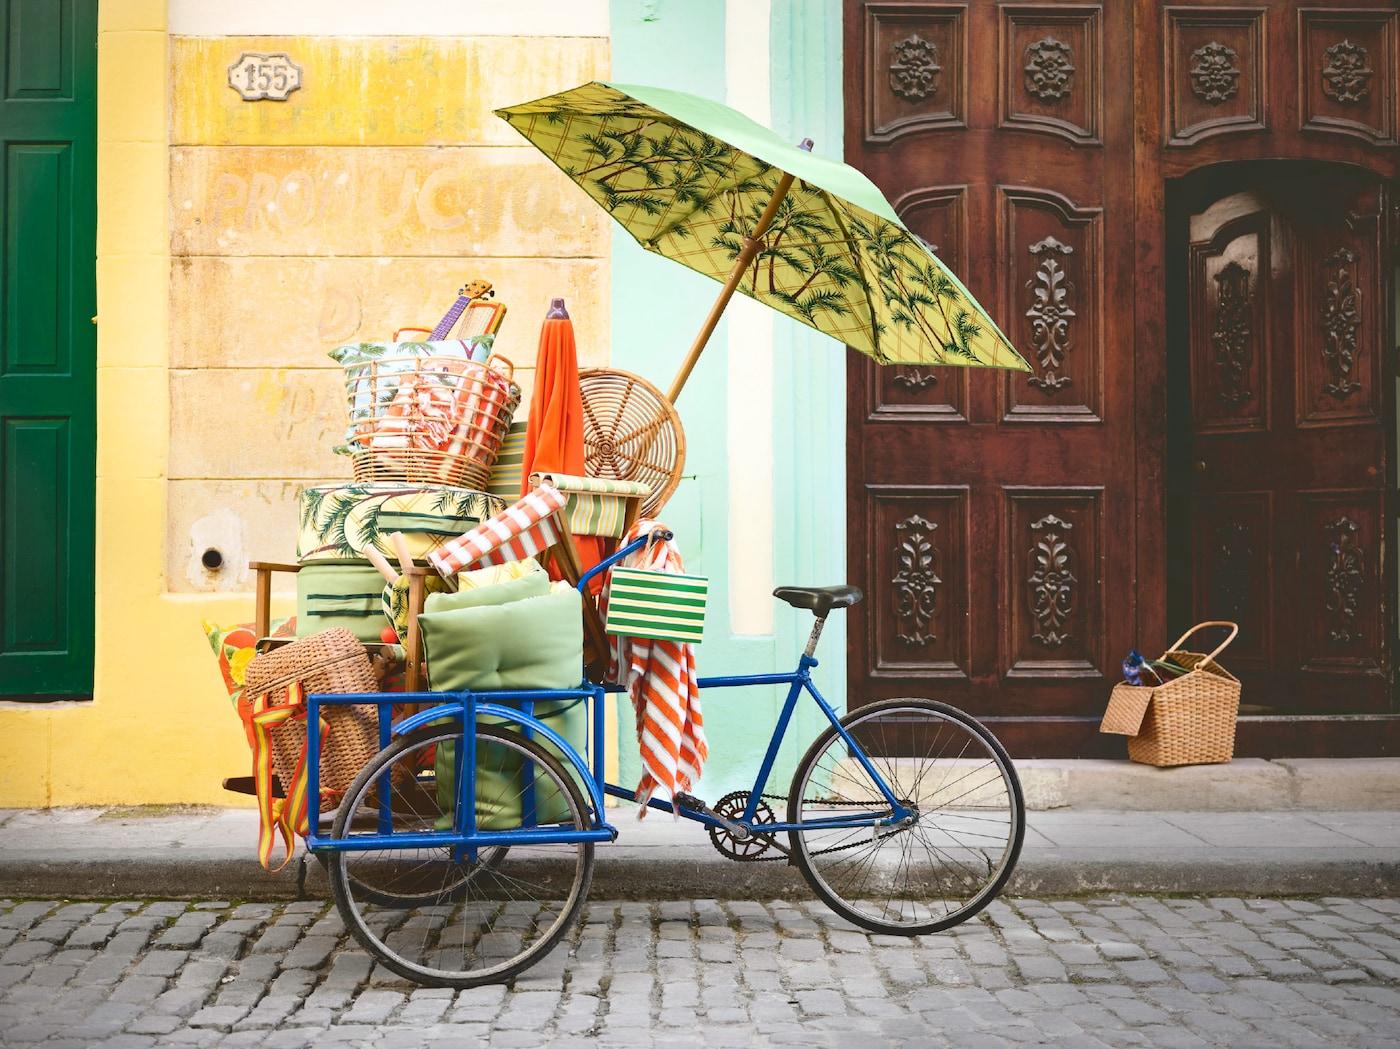 Modré kolo na dlážděné silnici, plné plážového nábytku včetně slunečníku, vše z kolekce SOLBLEKT.